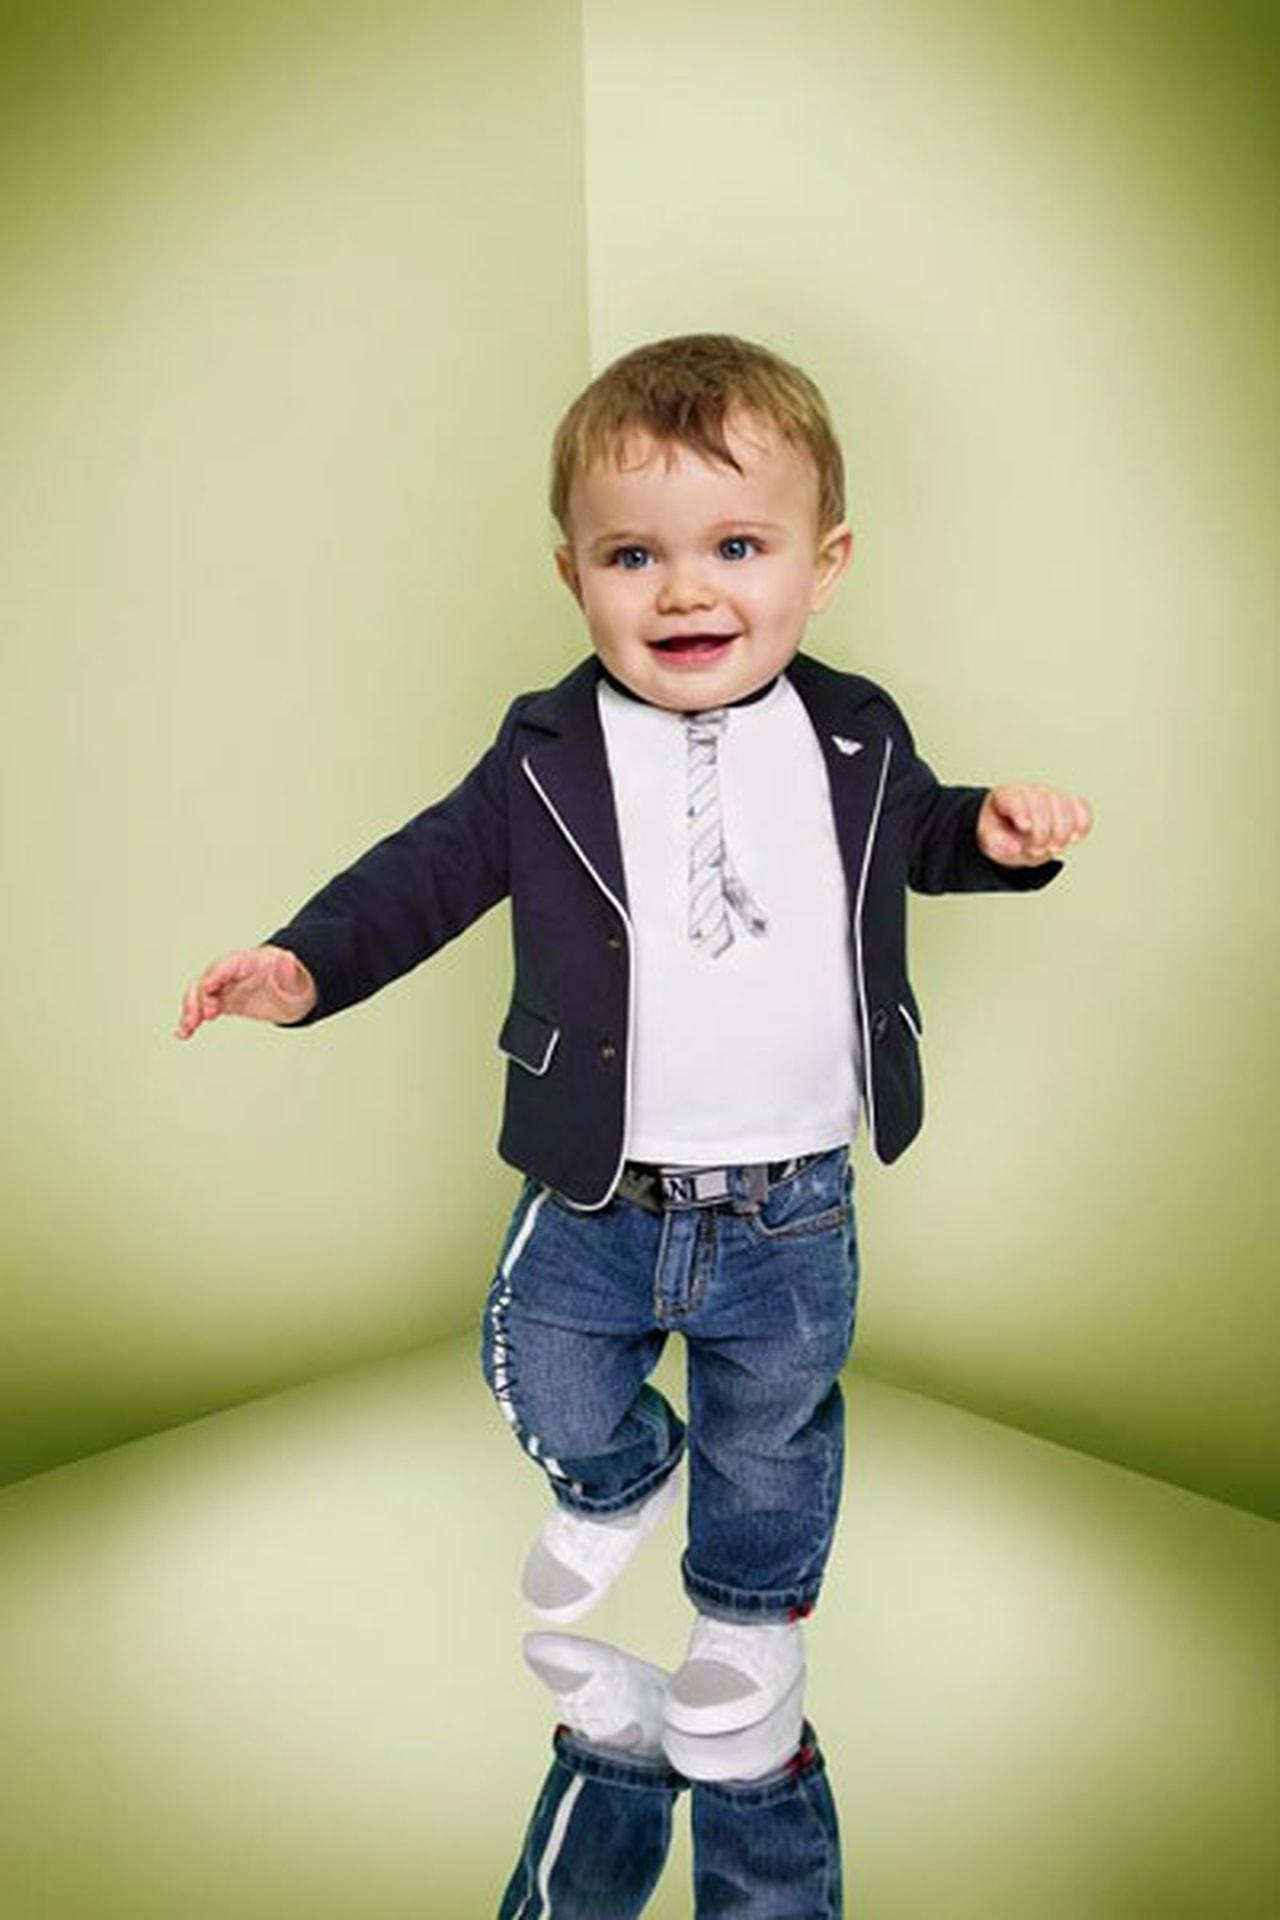 صوره احلى ازياء اطفال , نقدم افضل الازياء في عالم الاطفال